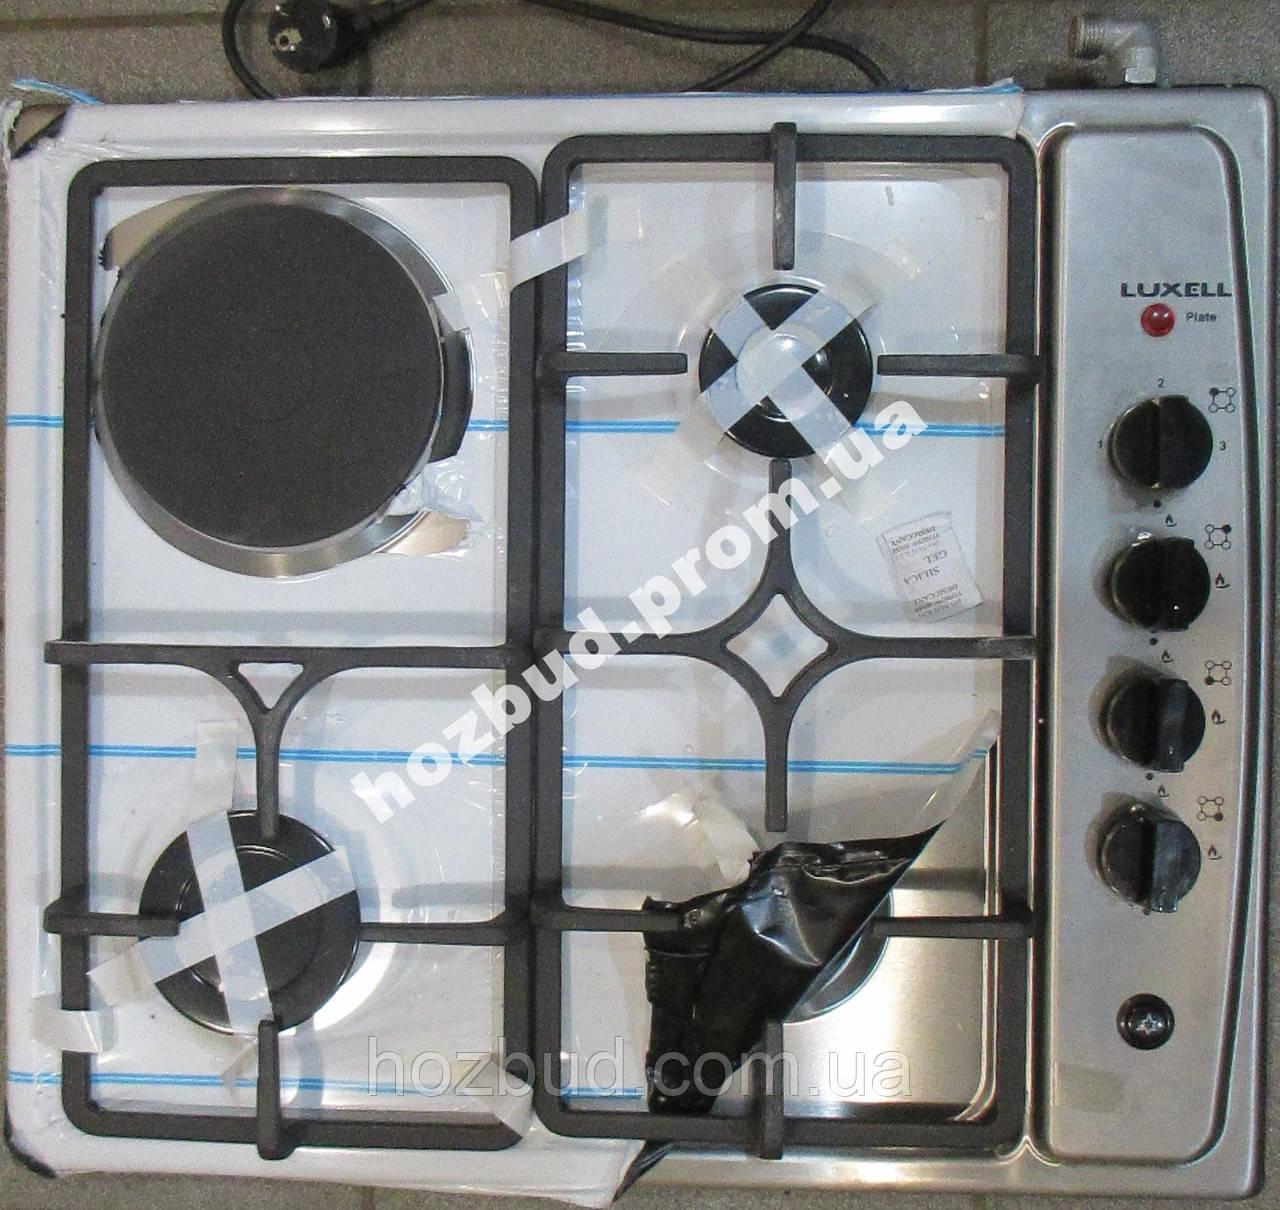 Плита комбінована настільна LUXELL LX-412